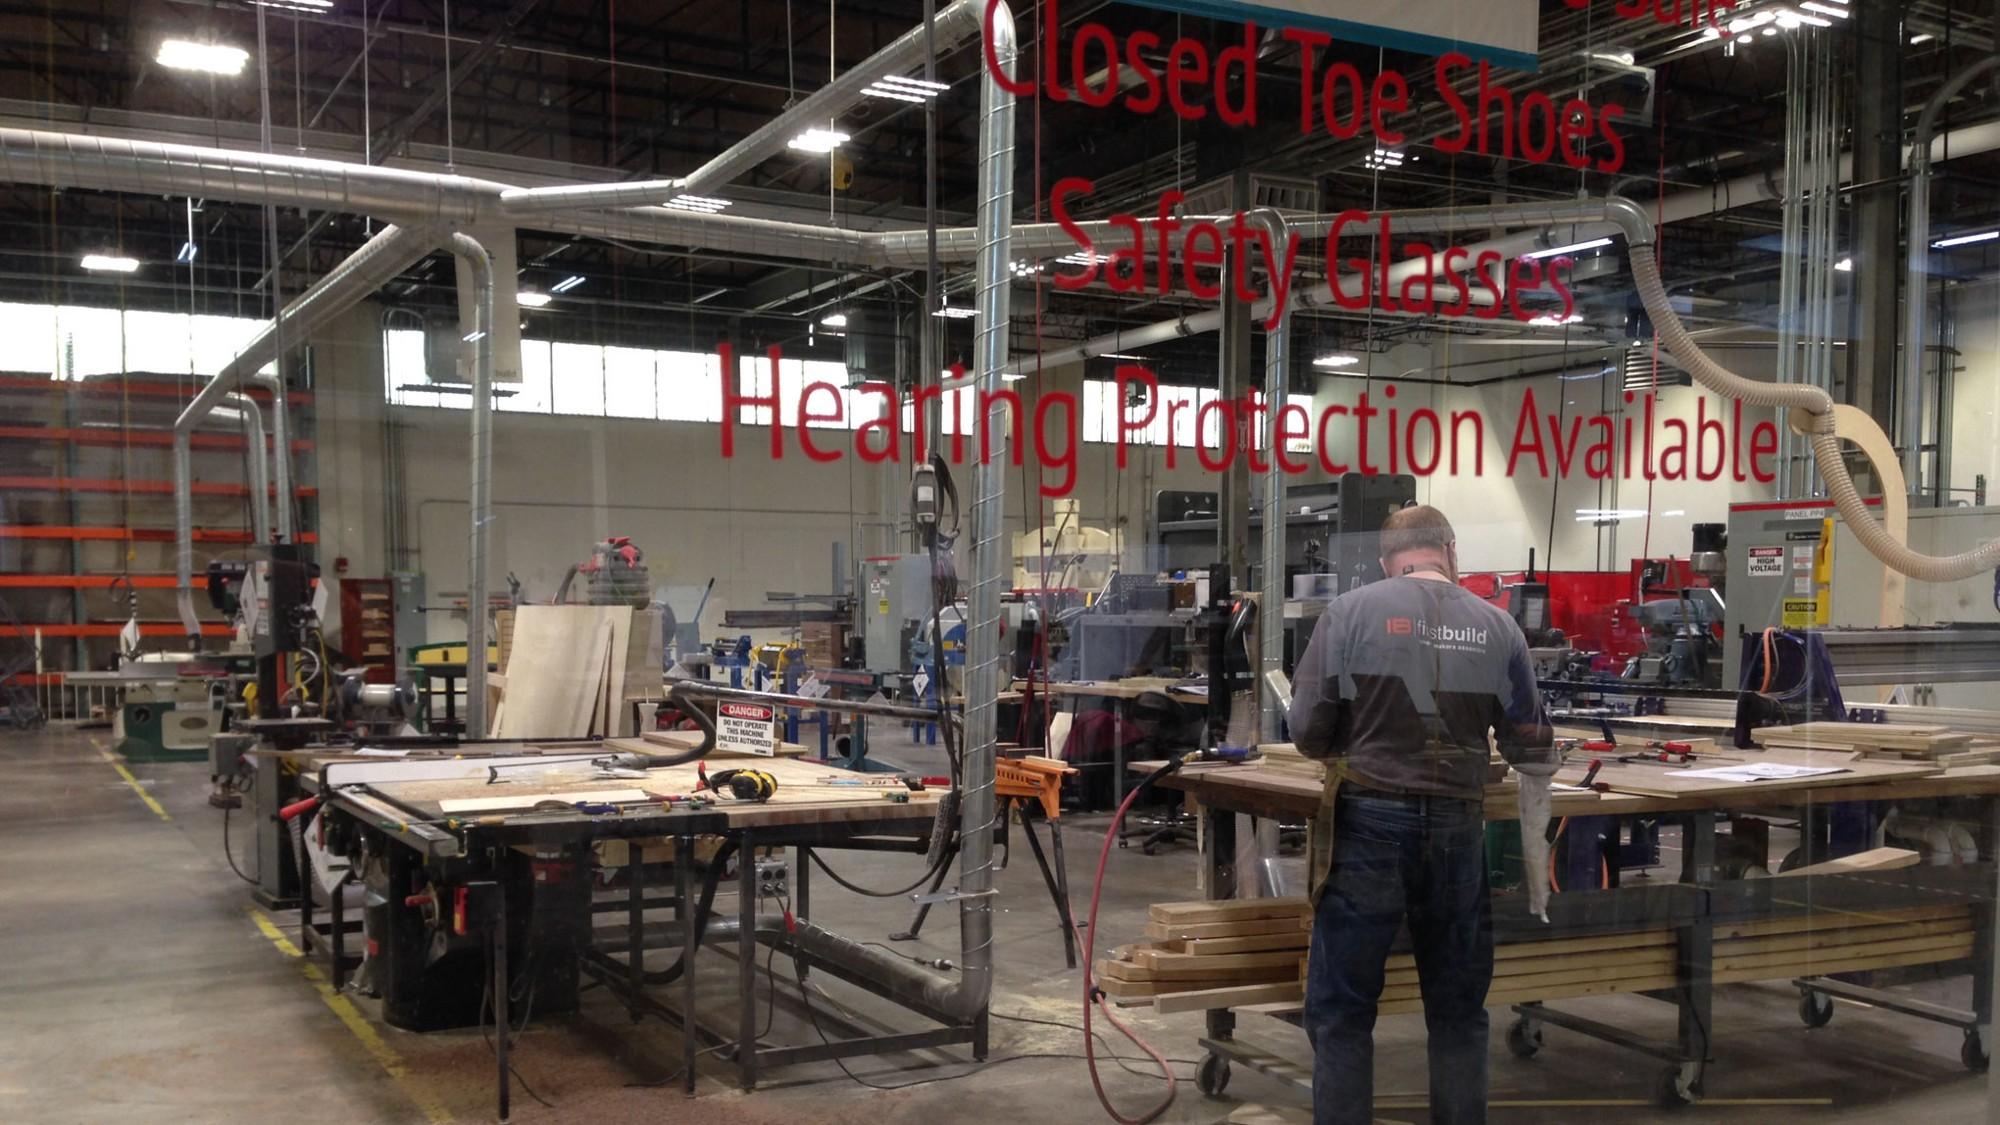 First Build's shop floor in Louisville, KY.